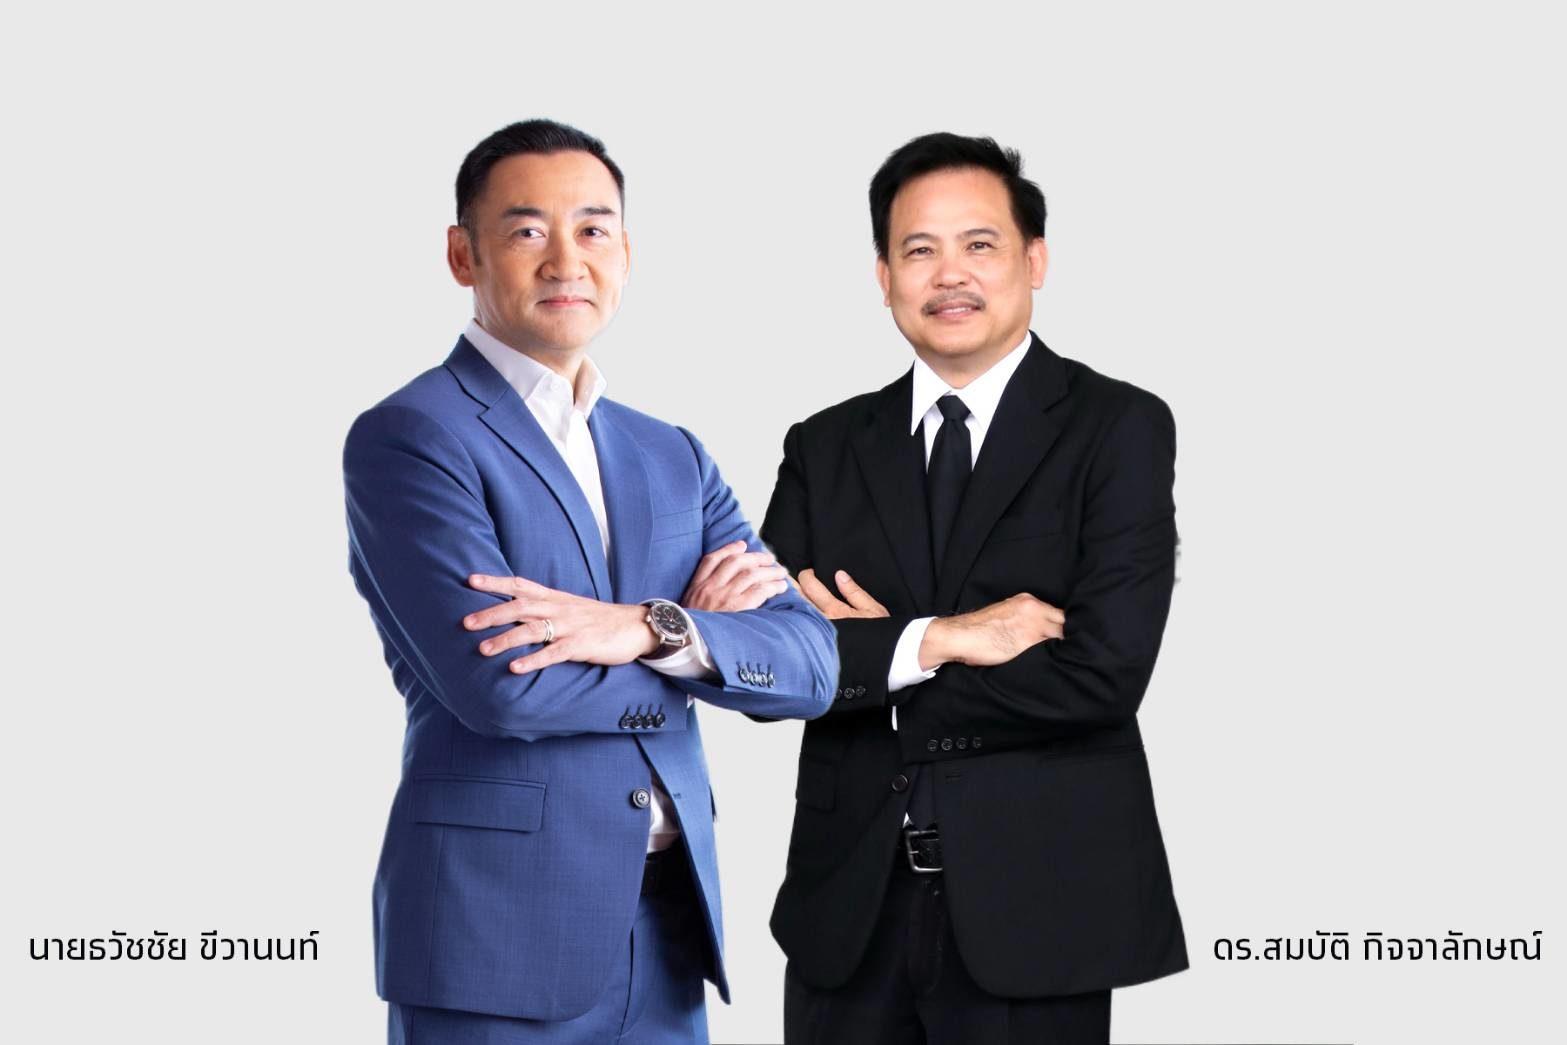 """""""กรุงไทย"""" หนุนลดใช้เงินสดเปิดบริการเชเติมบัตรเอ็มอาร์ที ผ่านกรุงไทยเน็กซ์ และเอทีเอ็ม เริ่มวันนี้วันแรก"""